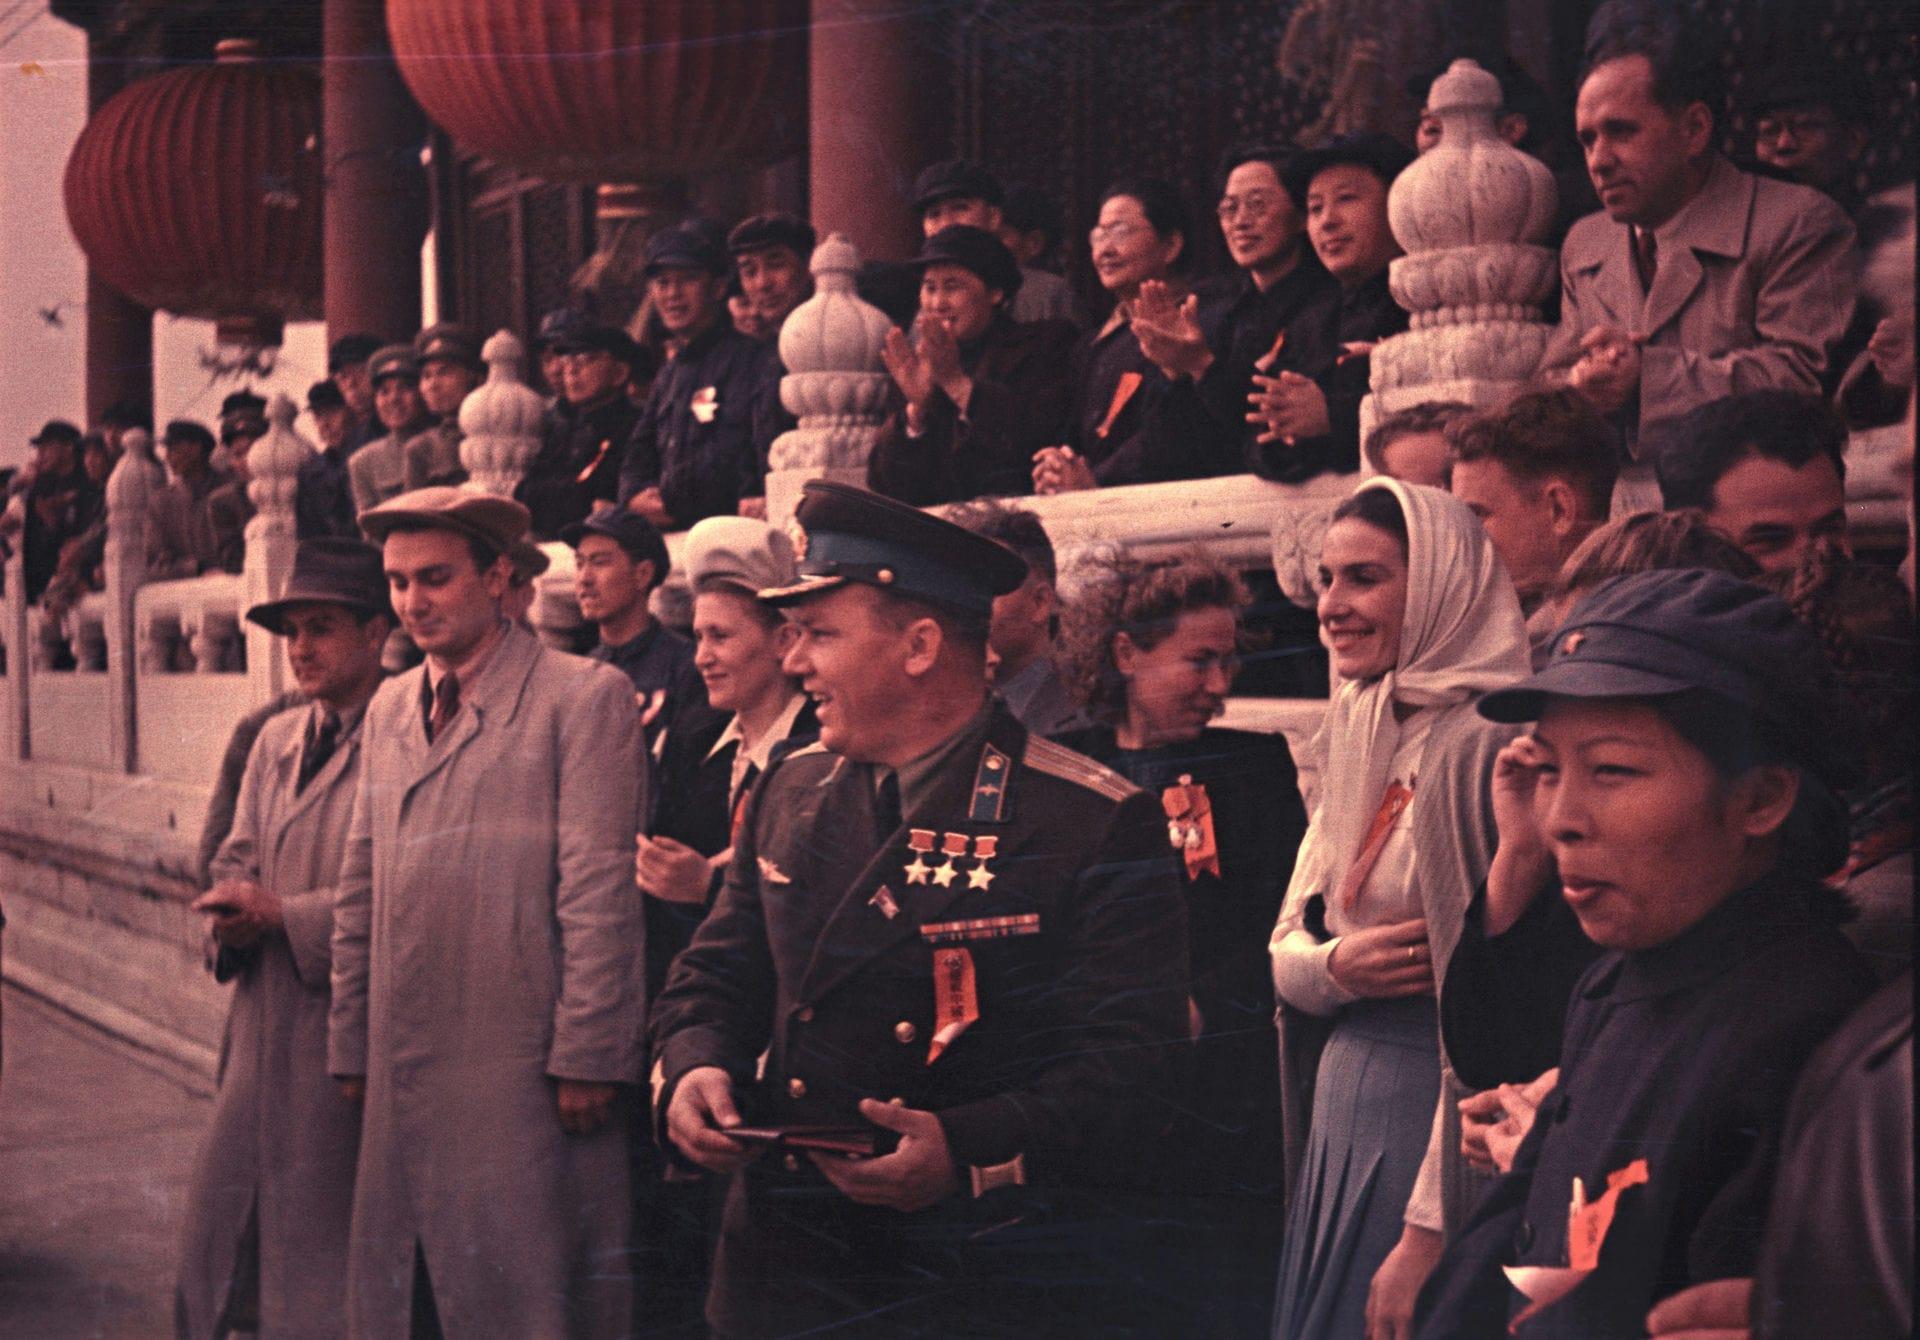 Экспонат #16. Трижды Герой Советского Союза Иван Кожедуб во время парада в Пекине. 1 октября 1949 года